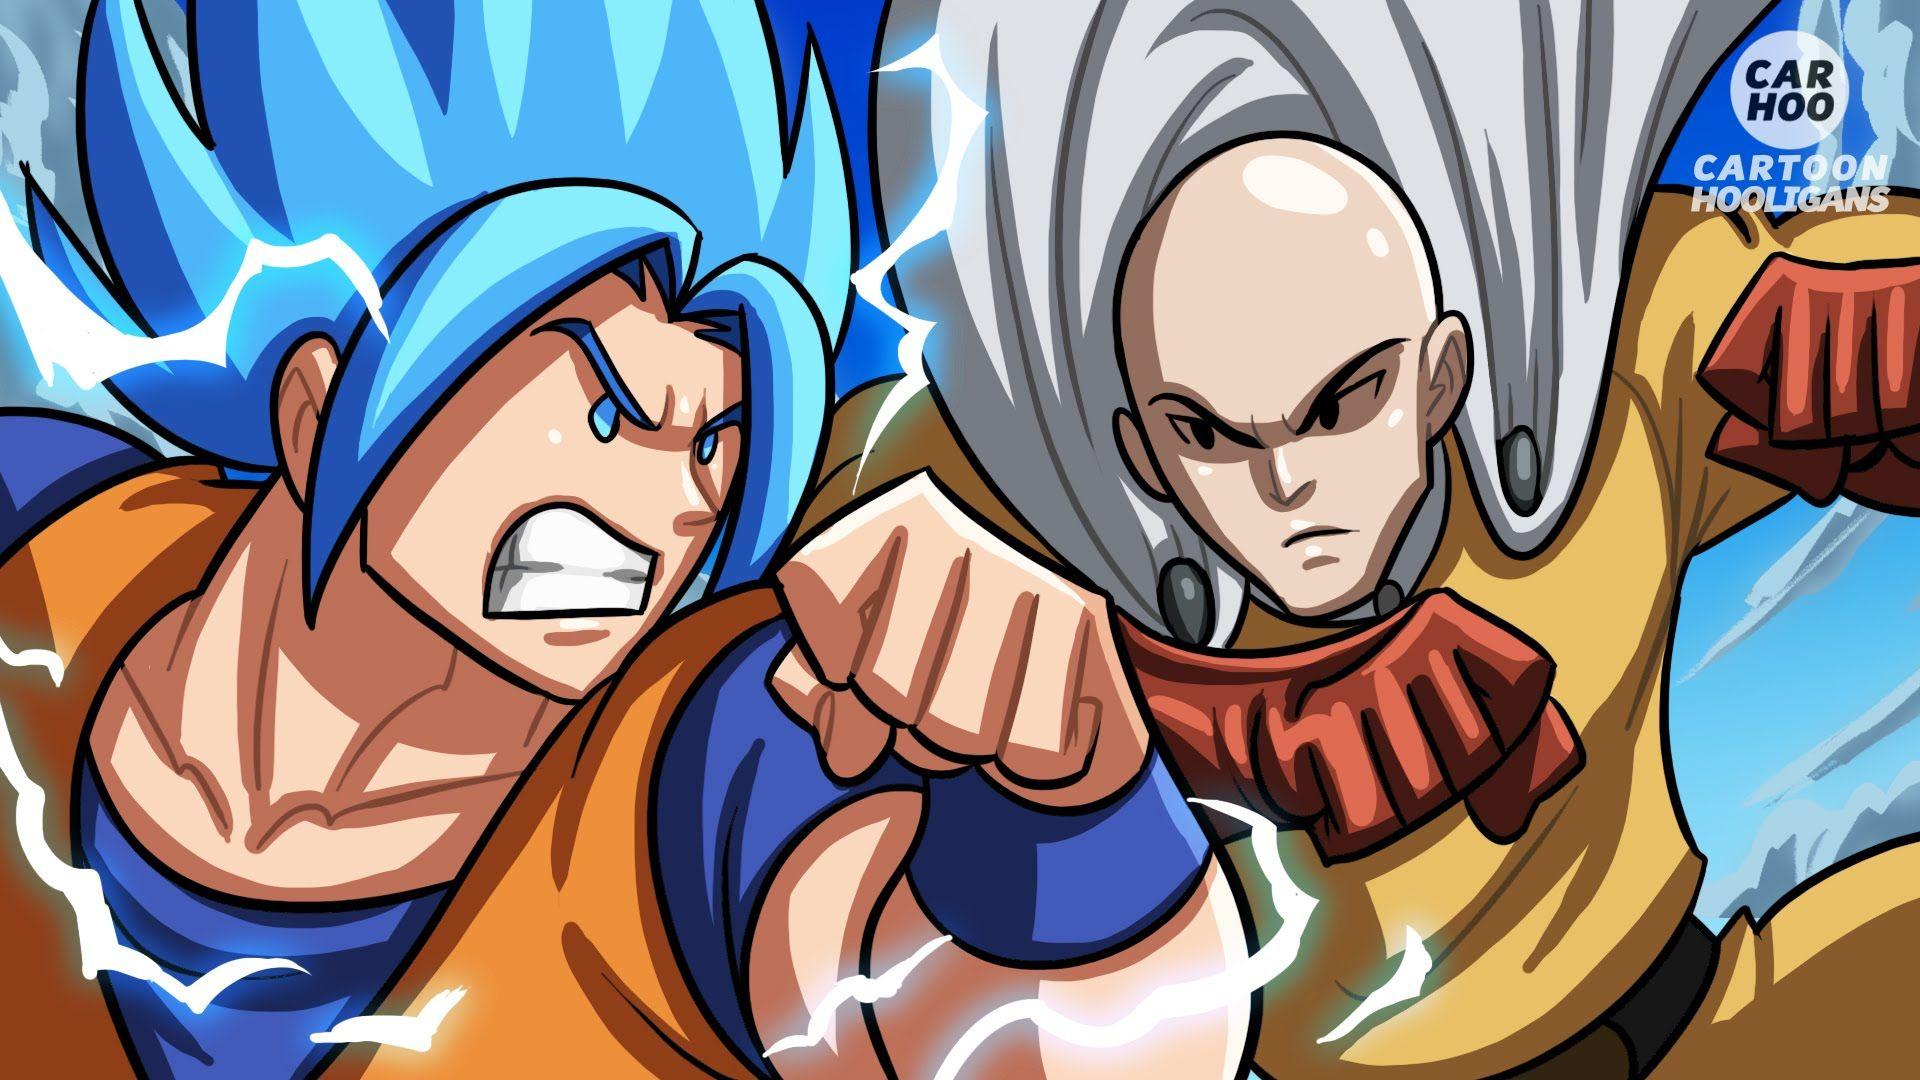 Goku Vs Saitama What If Battle [ OPM/ DBZ Parody ] (With